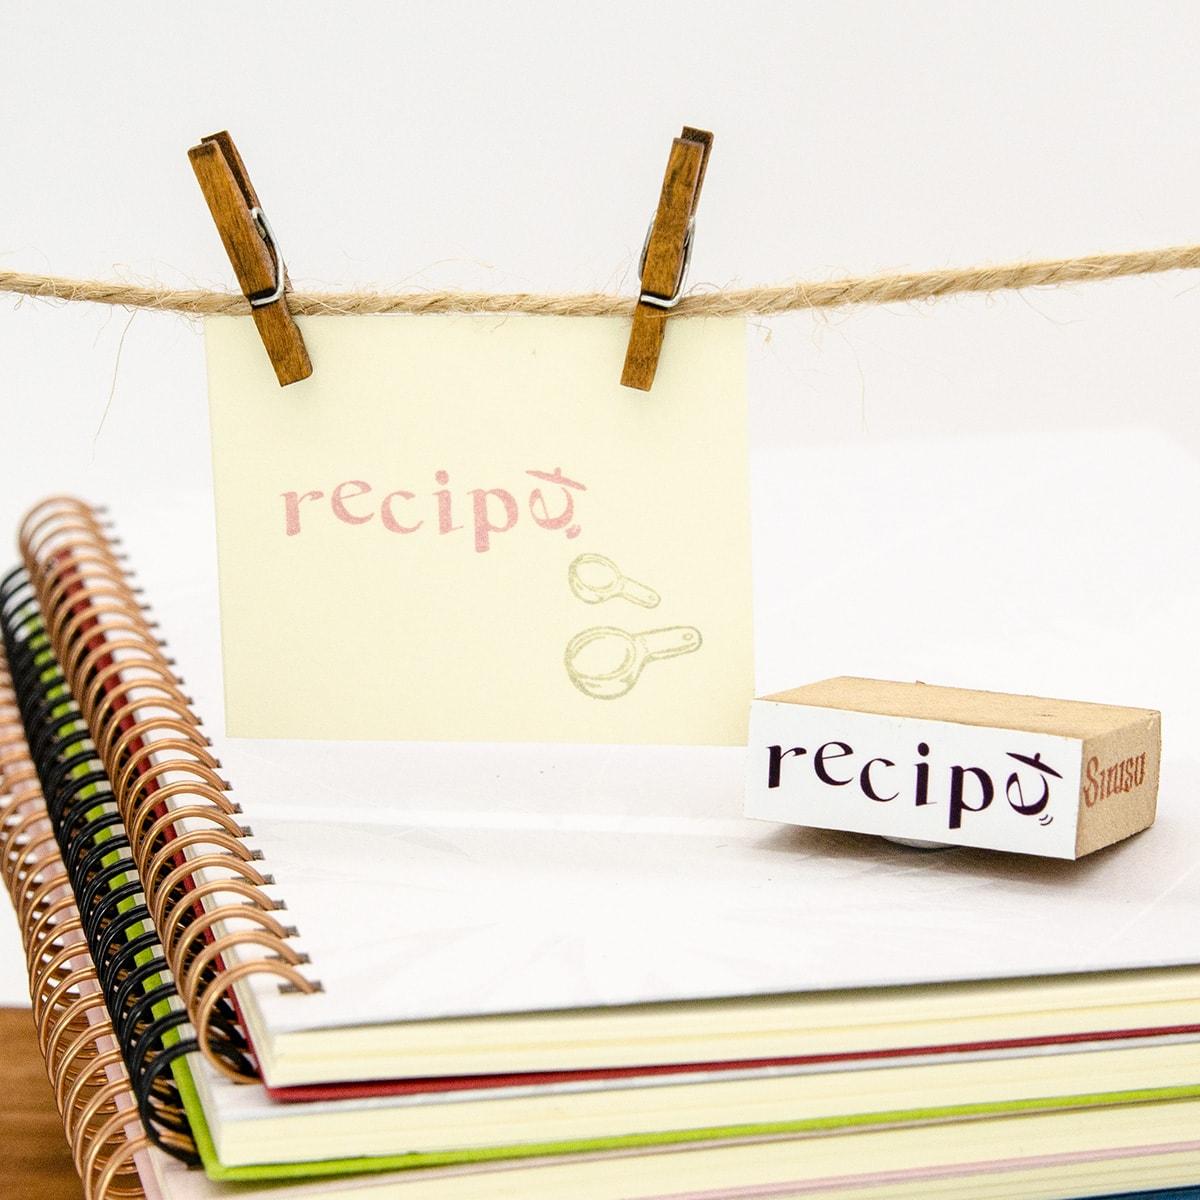 スタンプ<br>recipe(レシピ)イメージ1